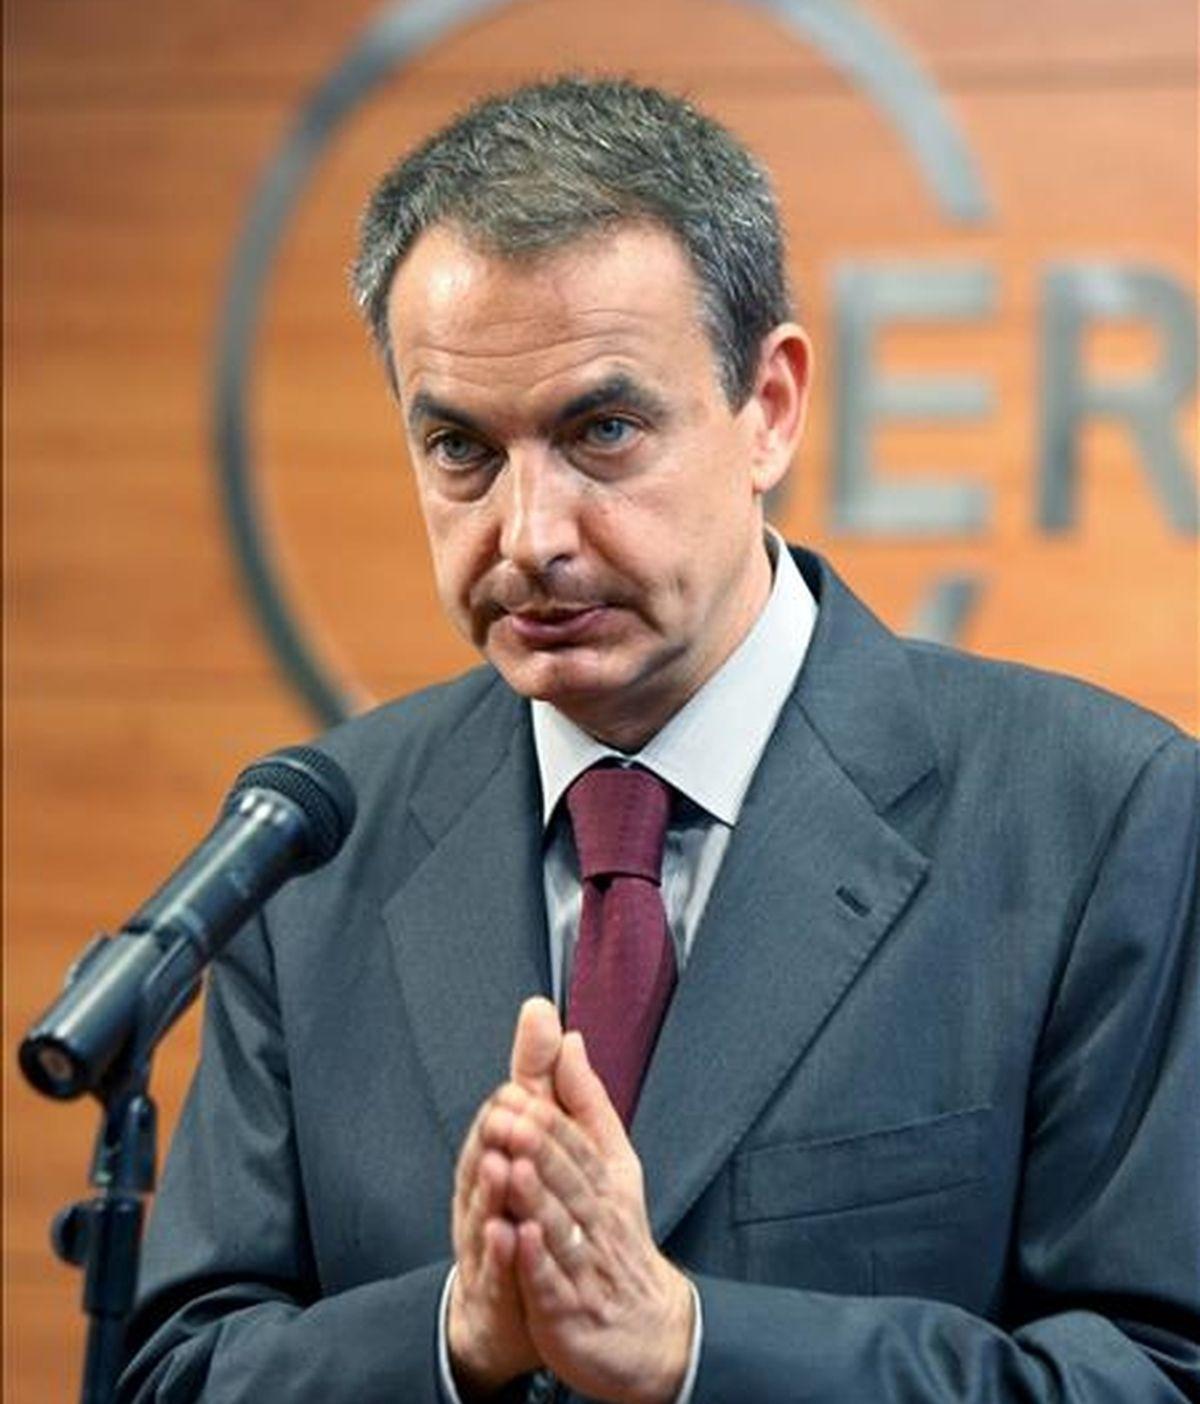 El presidente del Gobierno José Luis Rodríguez Zapatero, durante la rueda de prensa que realizo hoy en el Círculo de Economía, donde mantuvo un encuentro-almuerzo con empresarios catalanes.-EFE